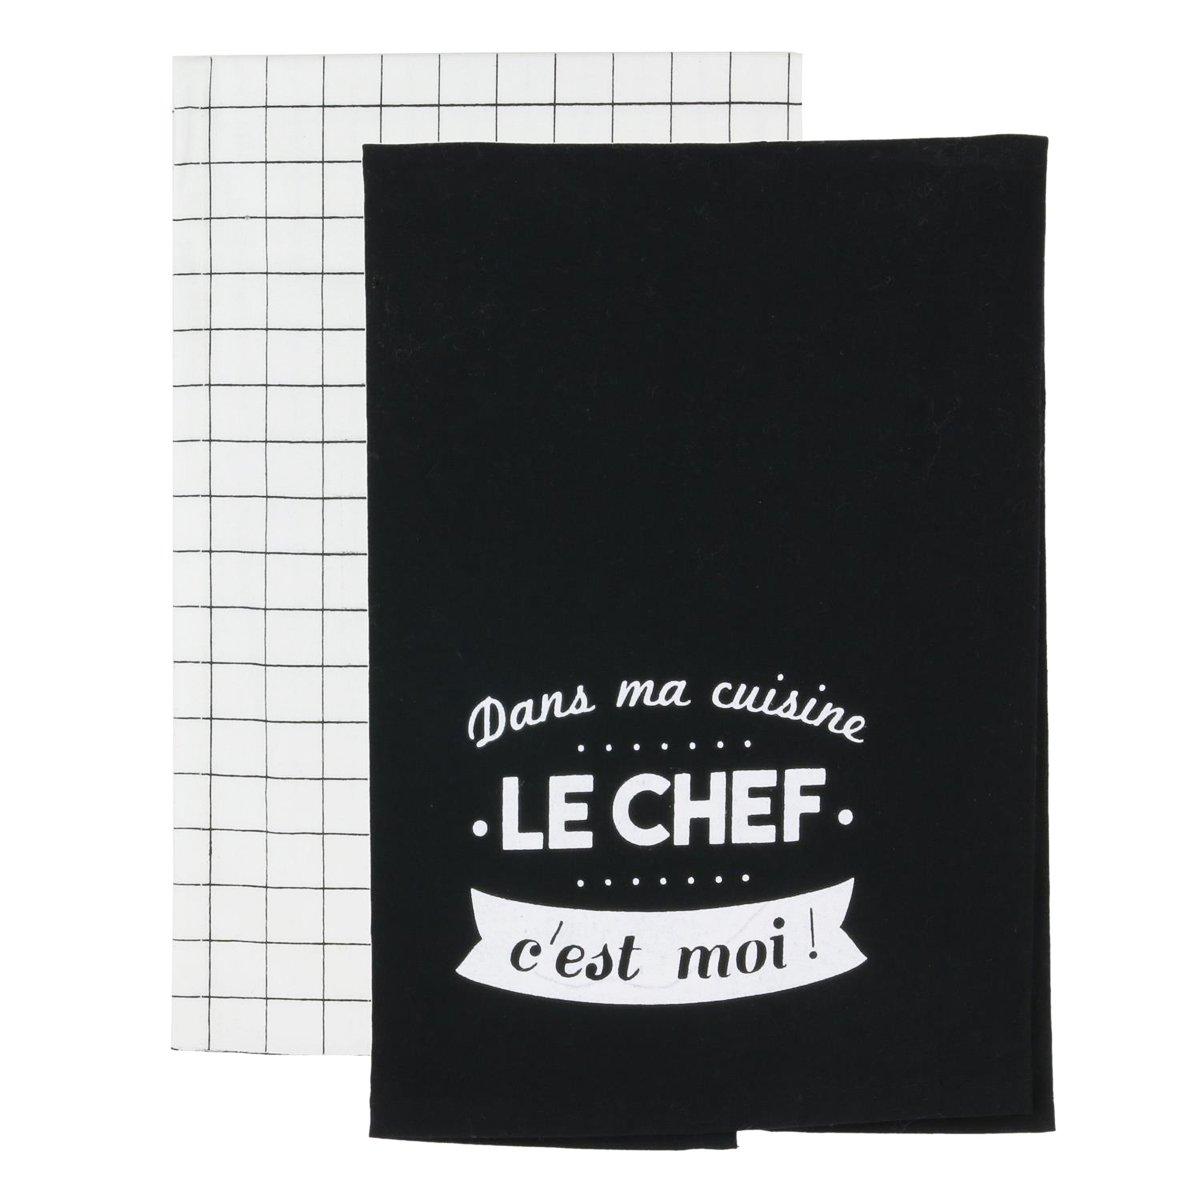 Q1689 - Set de Gant, manique et torchons Messages Noir Blanc Les Tr/ésors De Lily dans la Cuisine Le Chef Cest Moi !